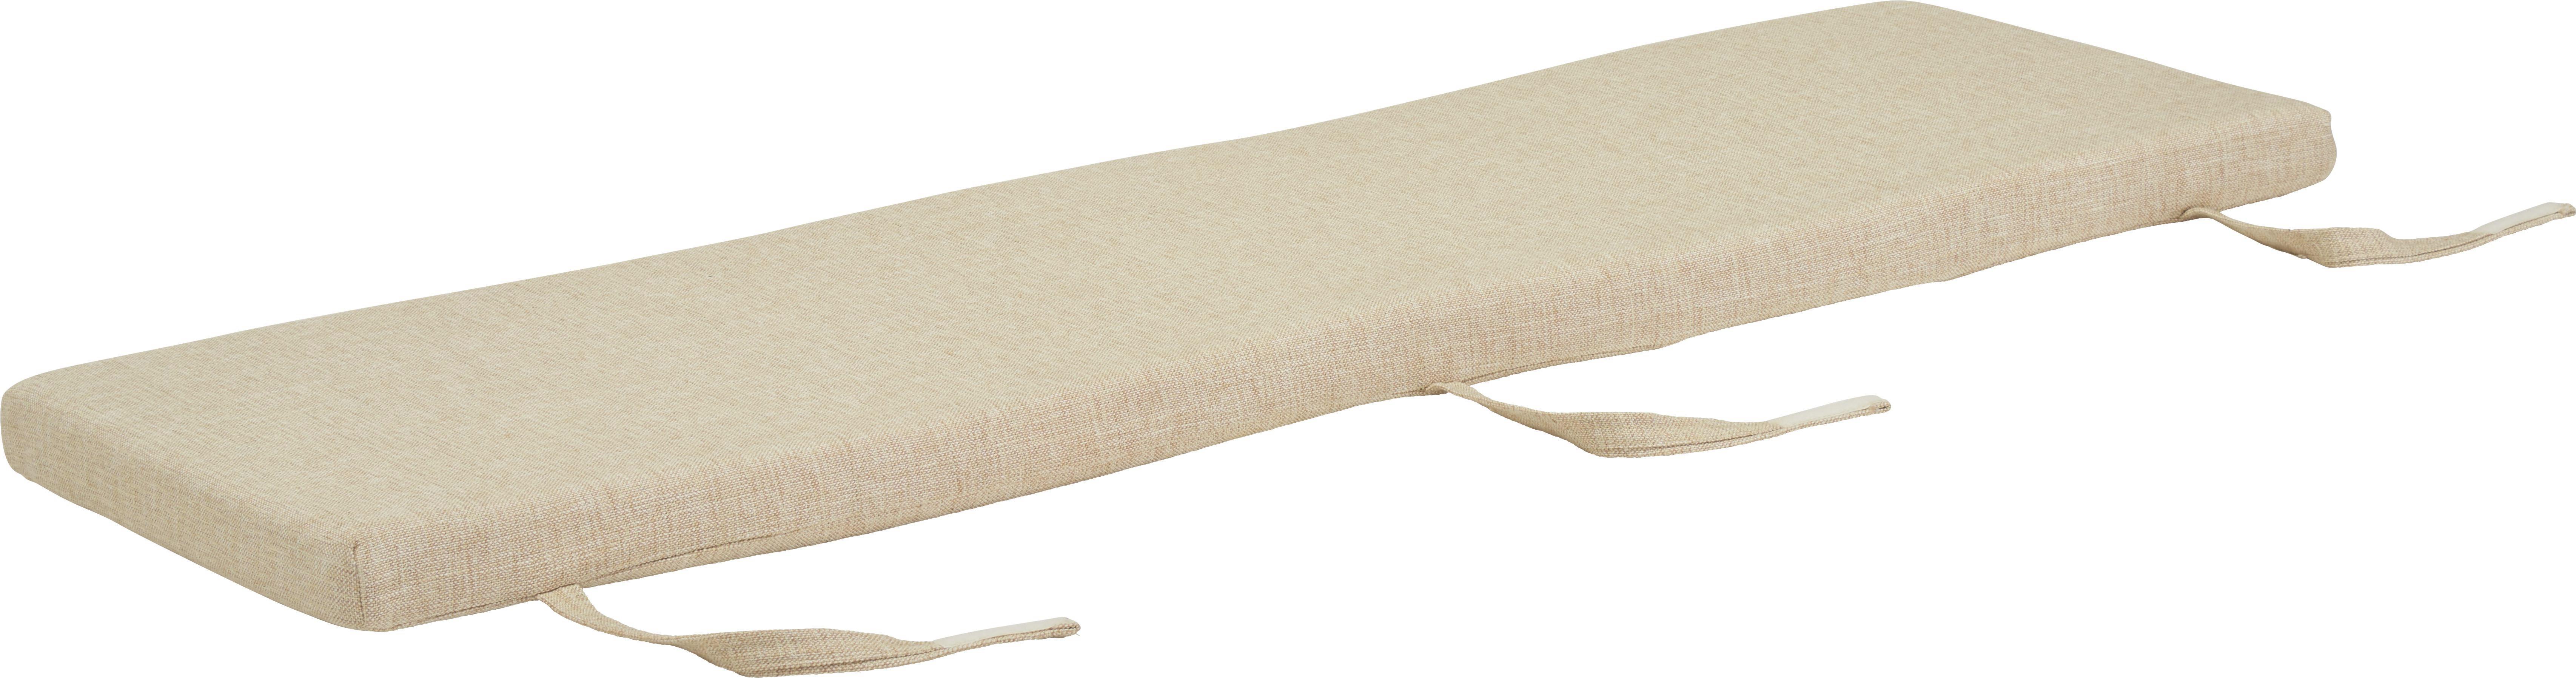 Ülőpárna Industry - bézs, Lifestyle, textil (140/40/5cm)